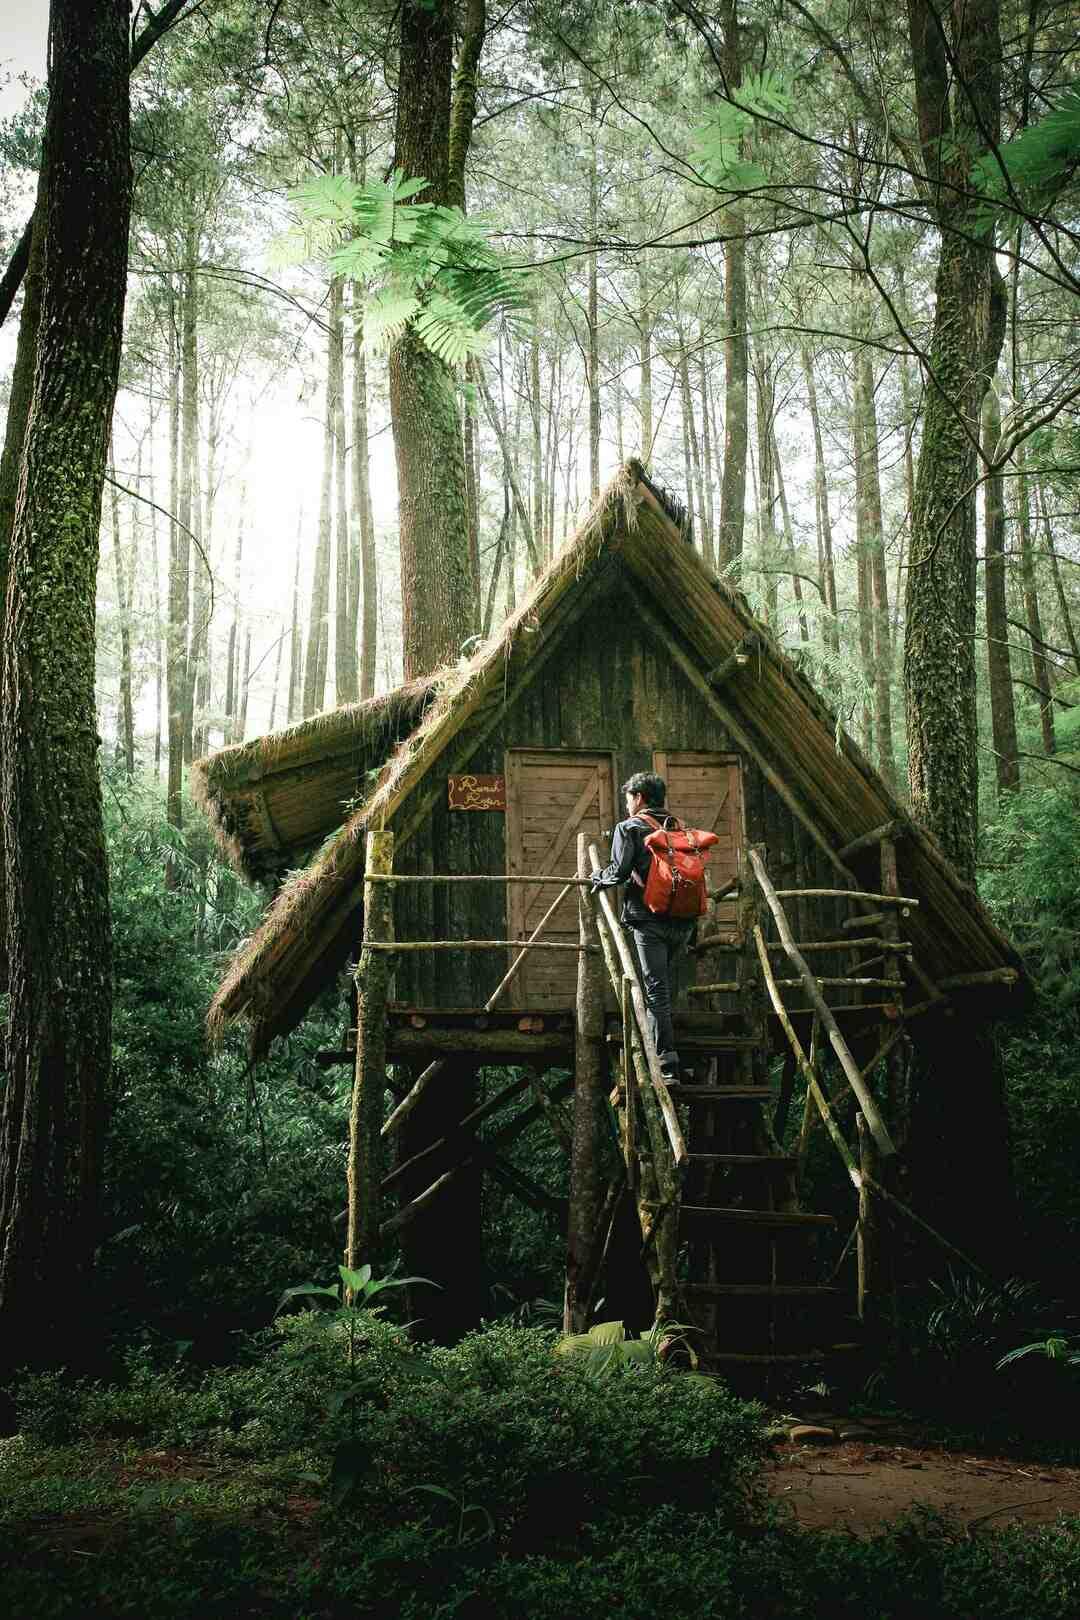 Comment faire une cabane pour enfants dans les arbres ?